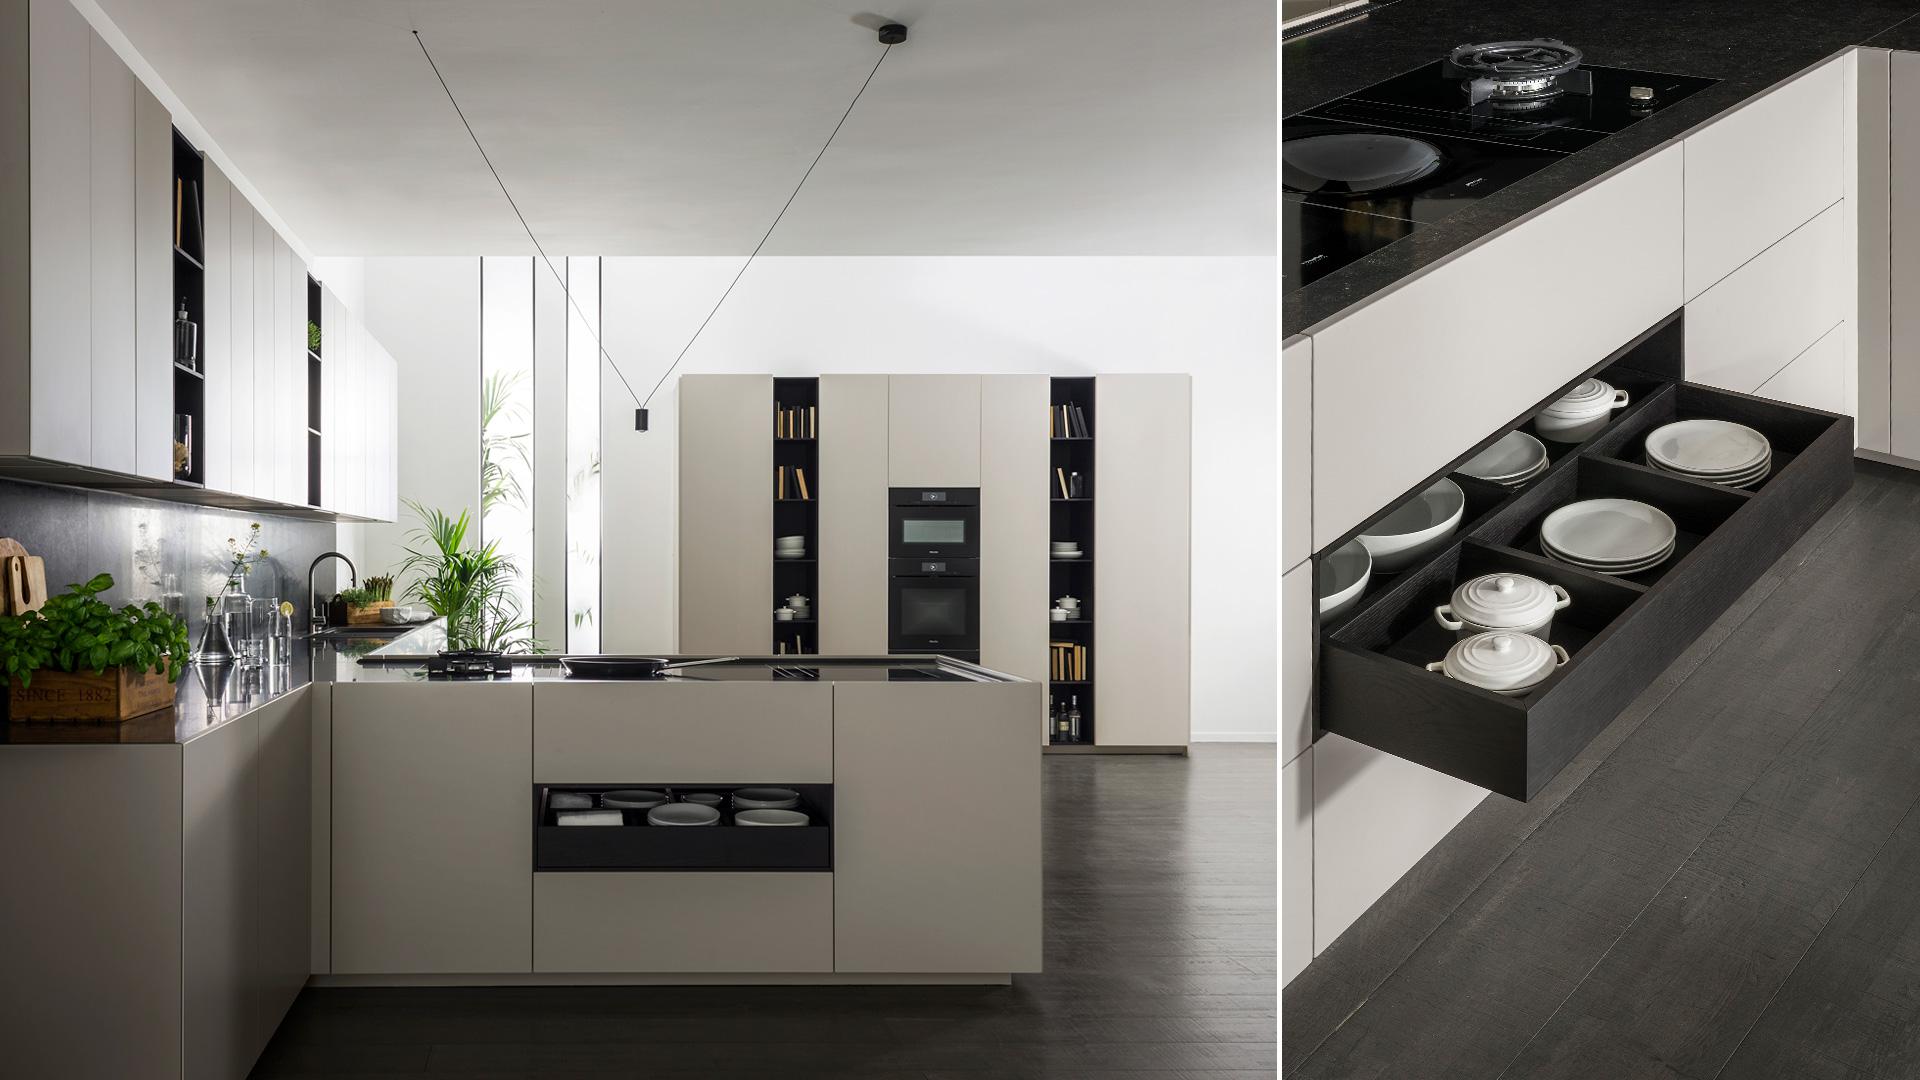 Cucina design con penisola composizione D90+ - D90_brandsite-gallery_03